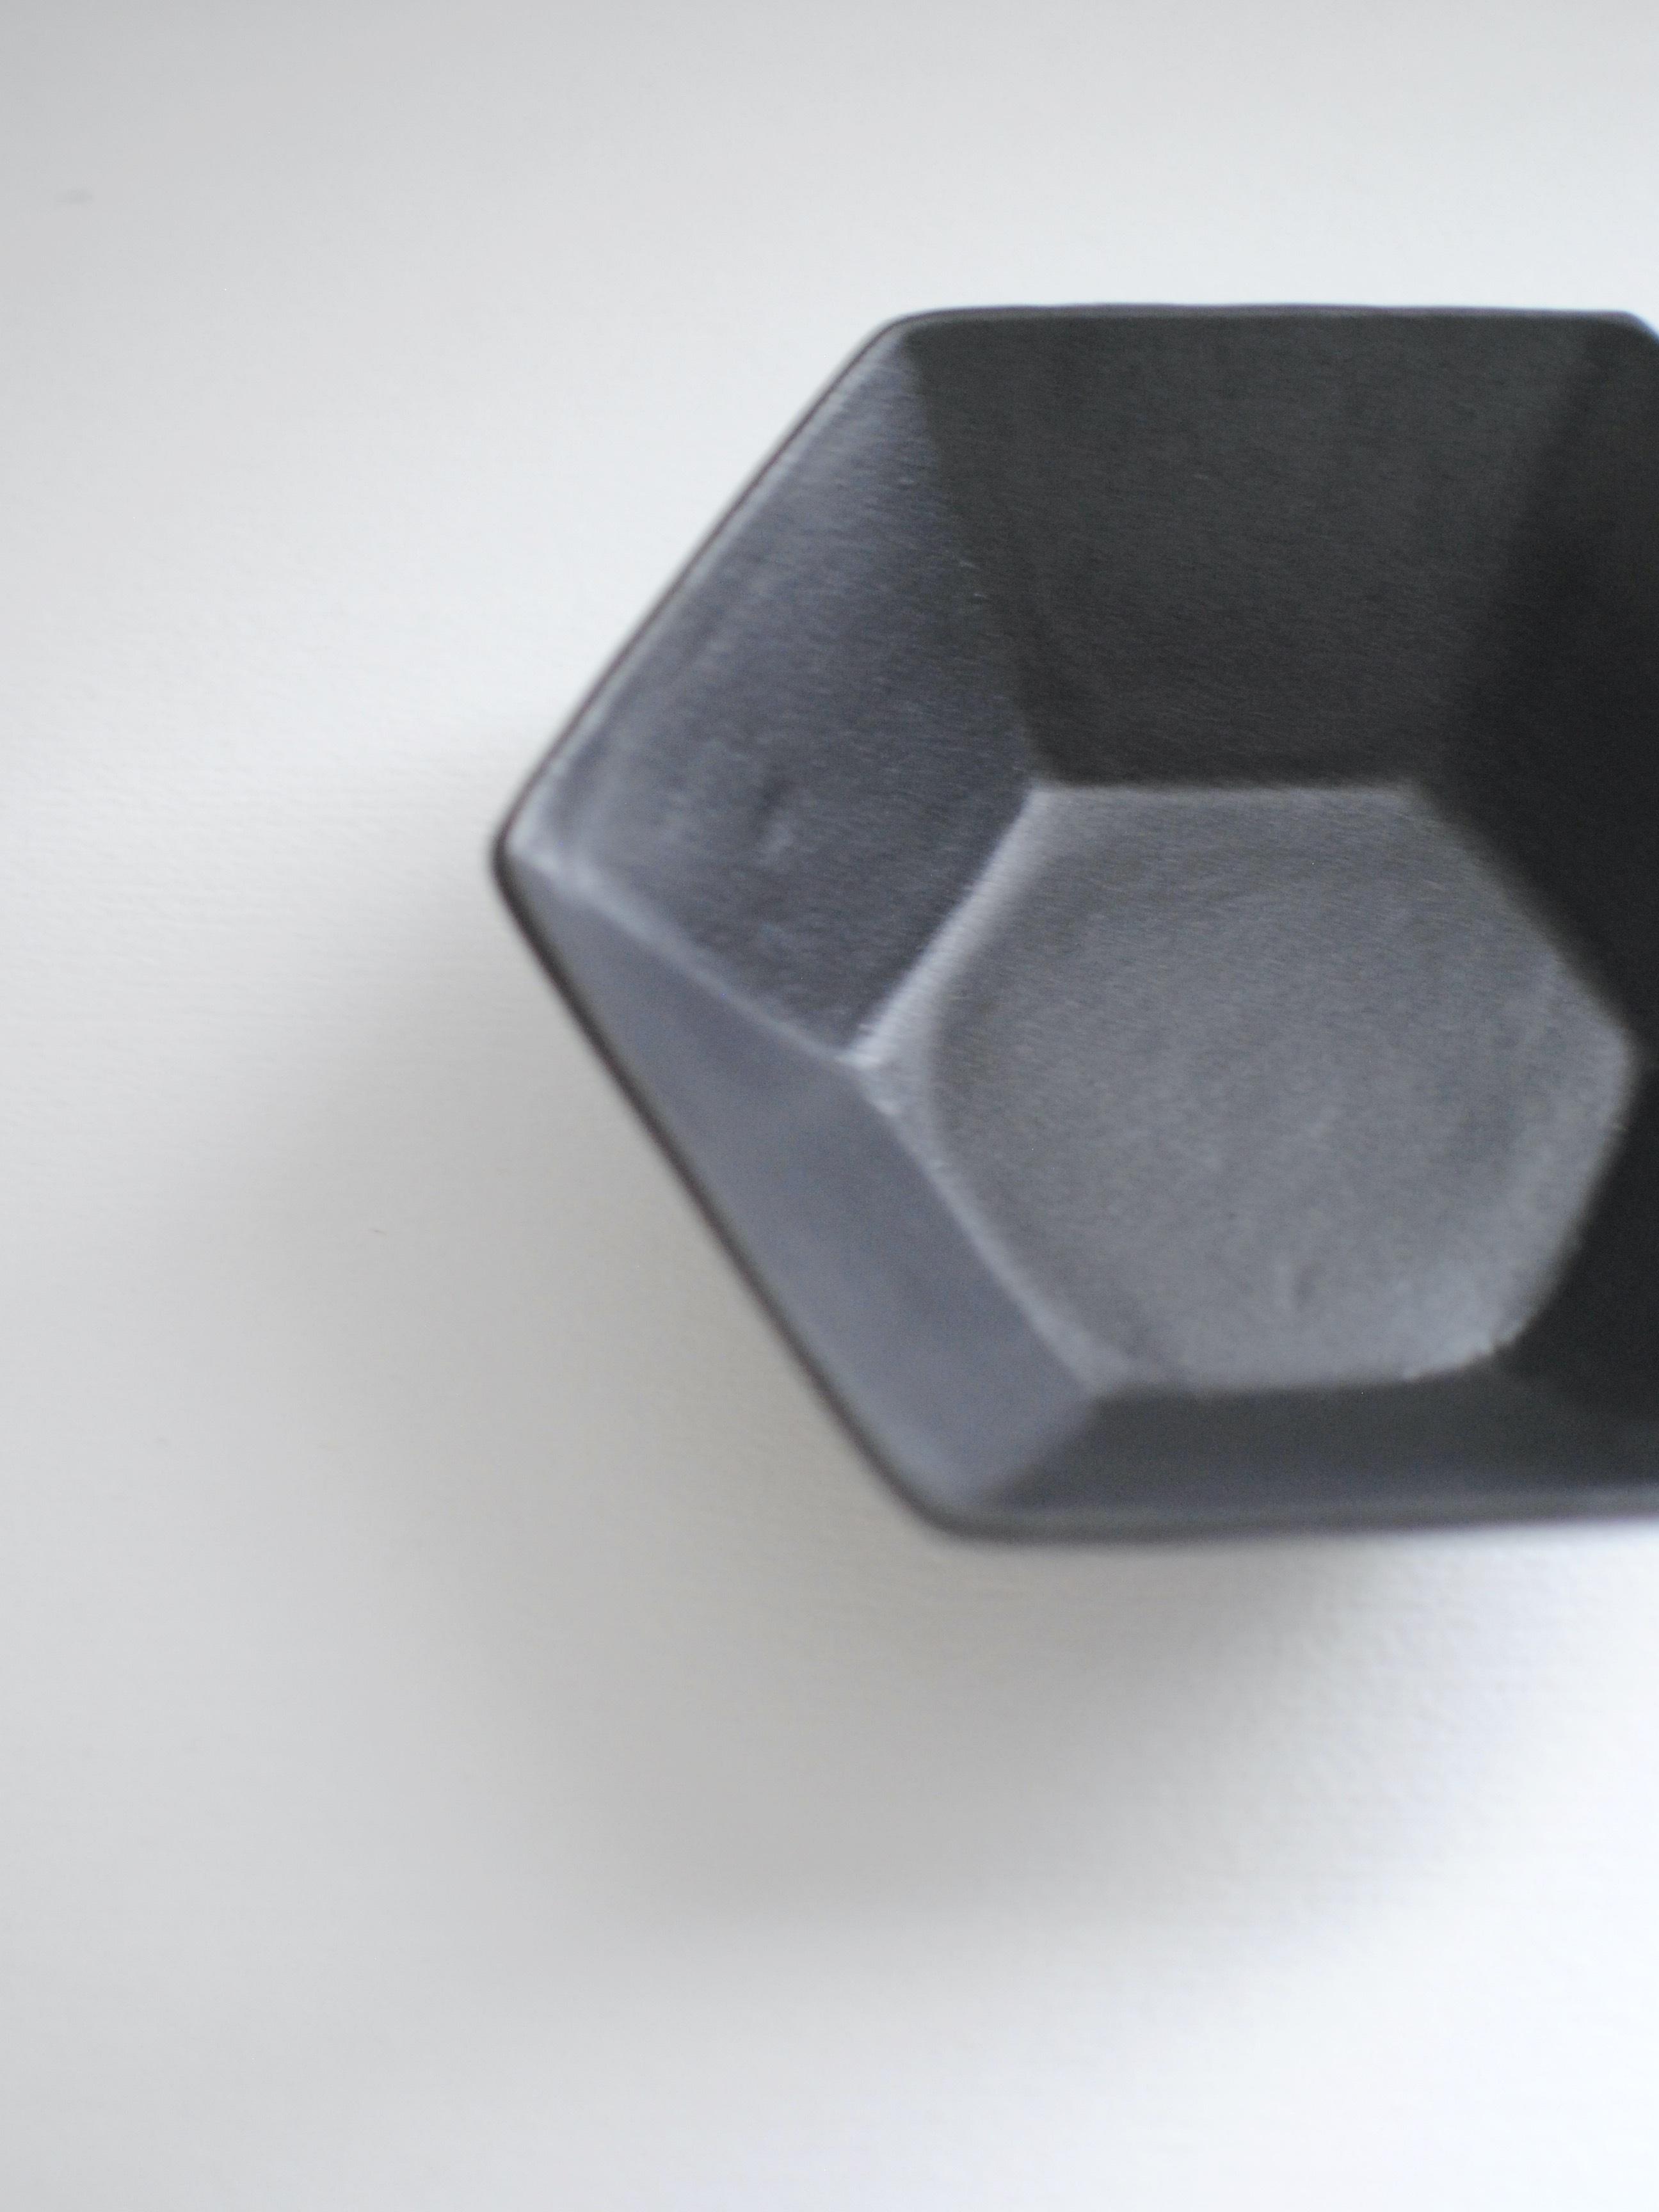 安部太一 黒釉六角鉢